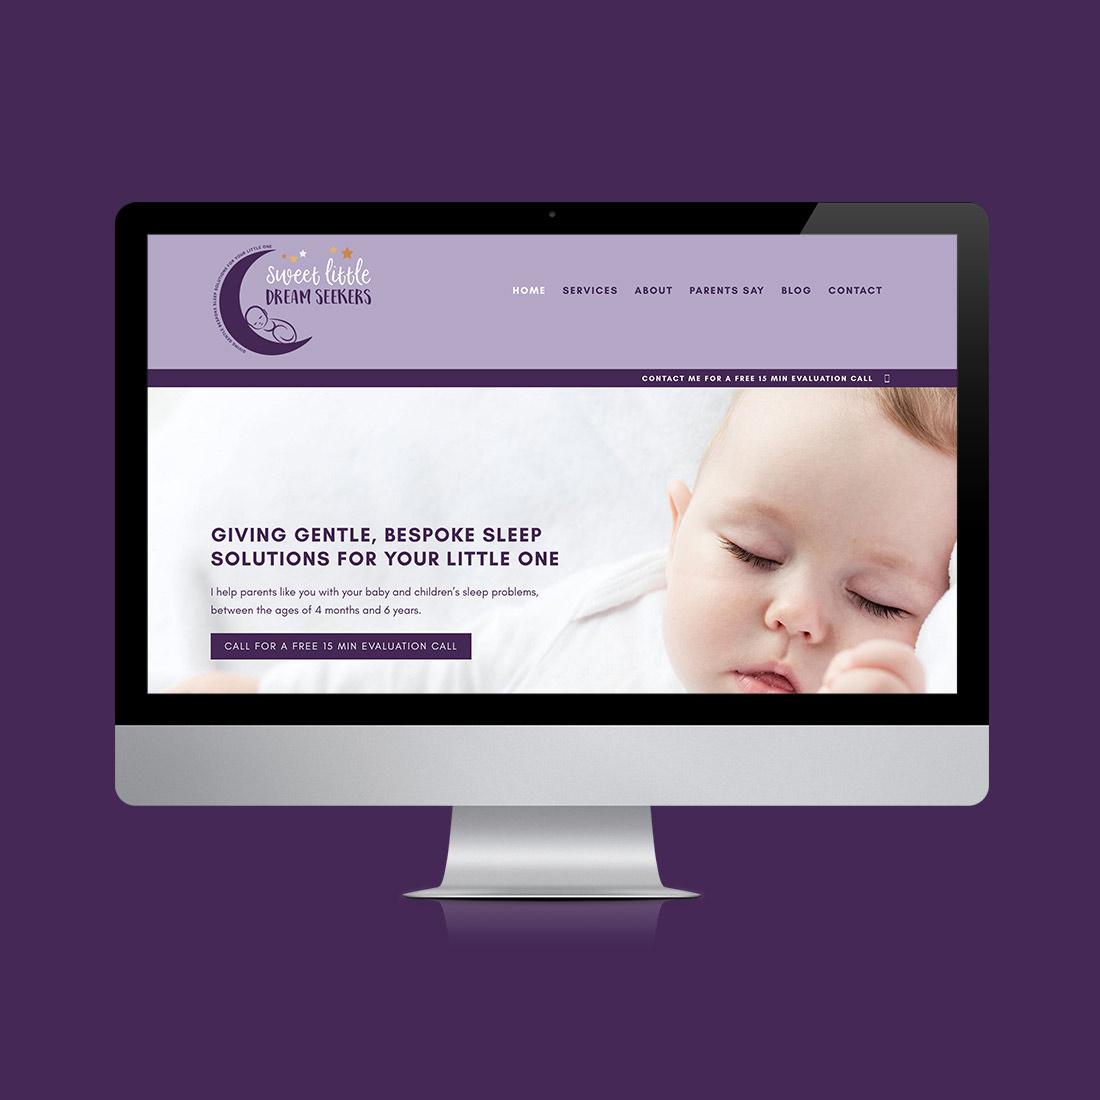 Website-Design-Fife-Small-Business-Sweet-Little